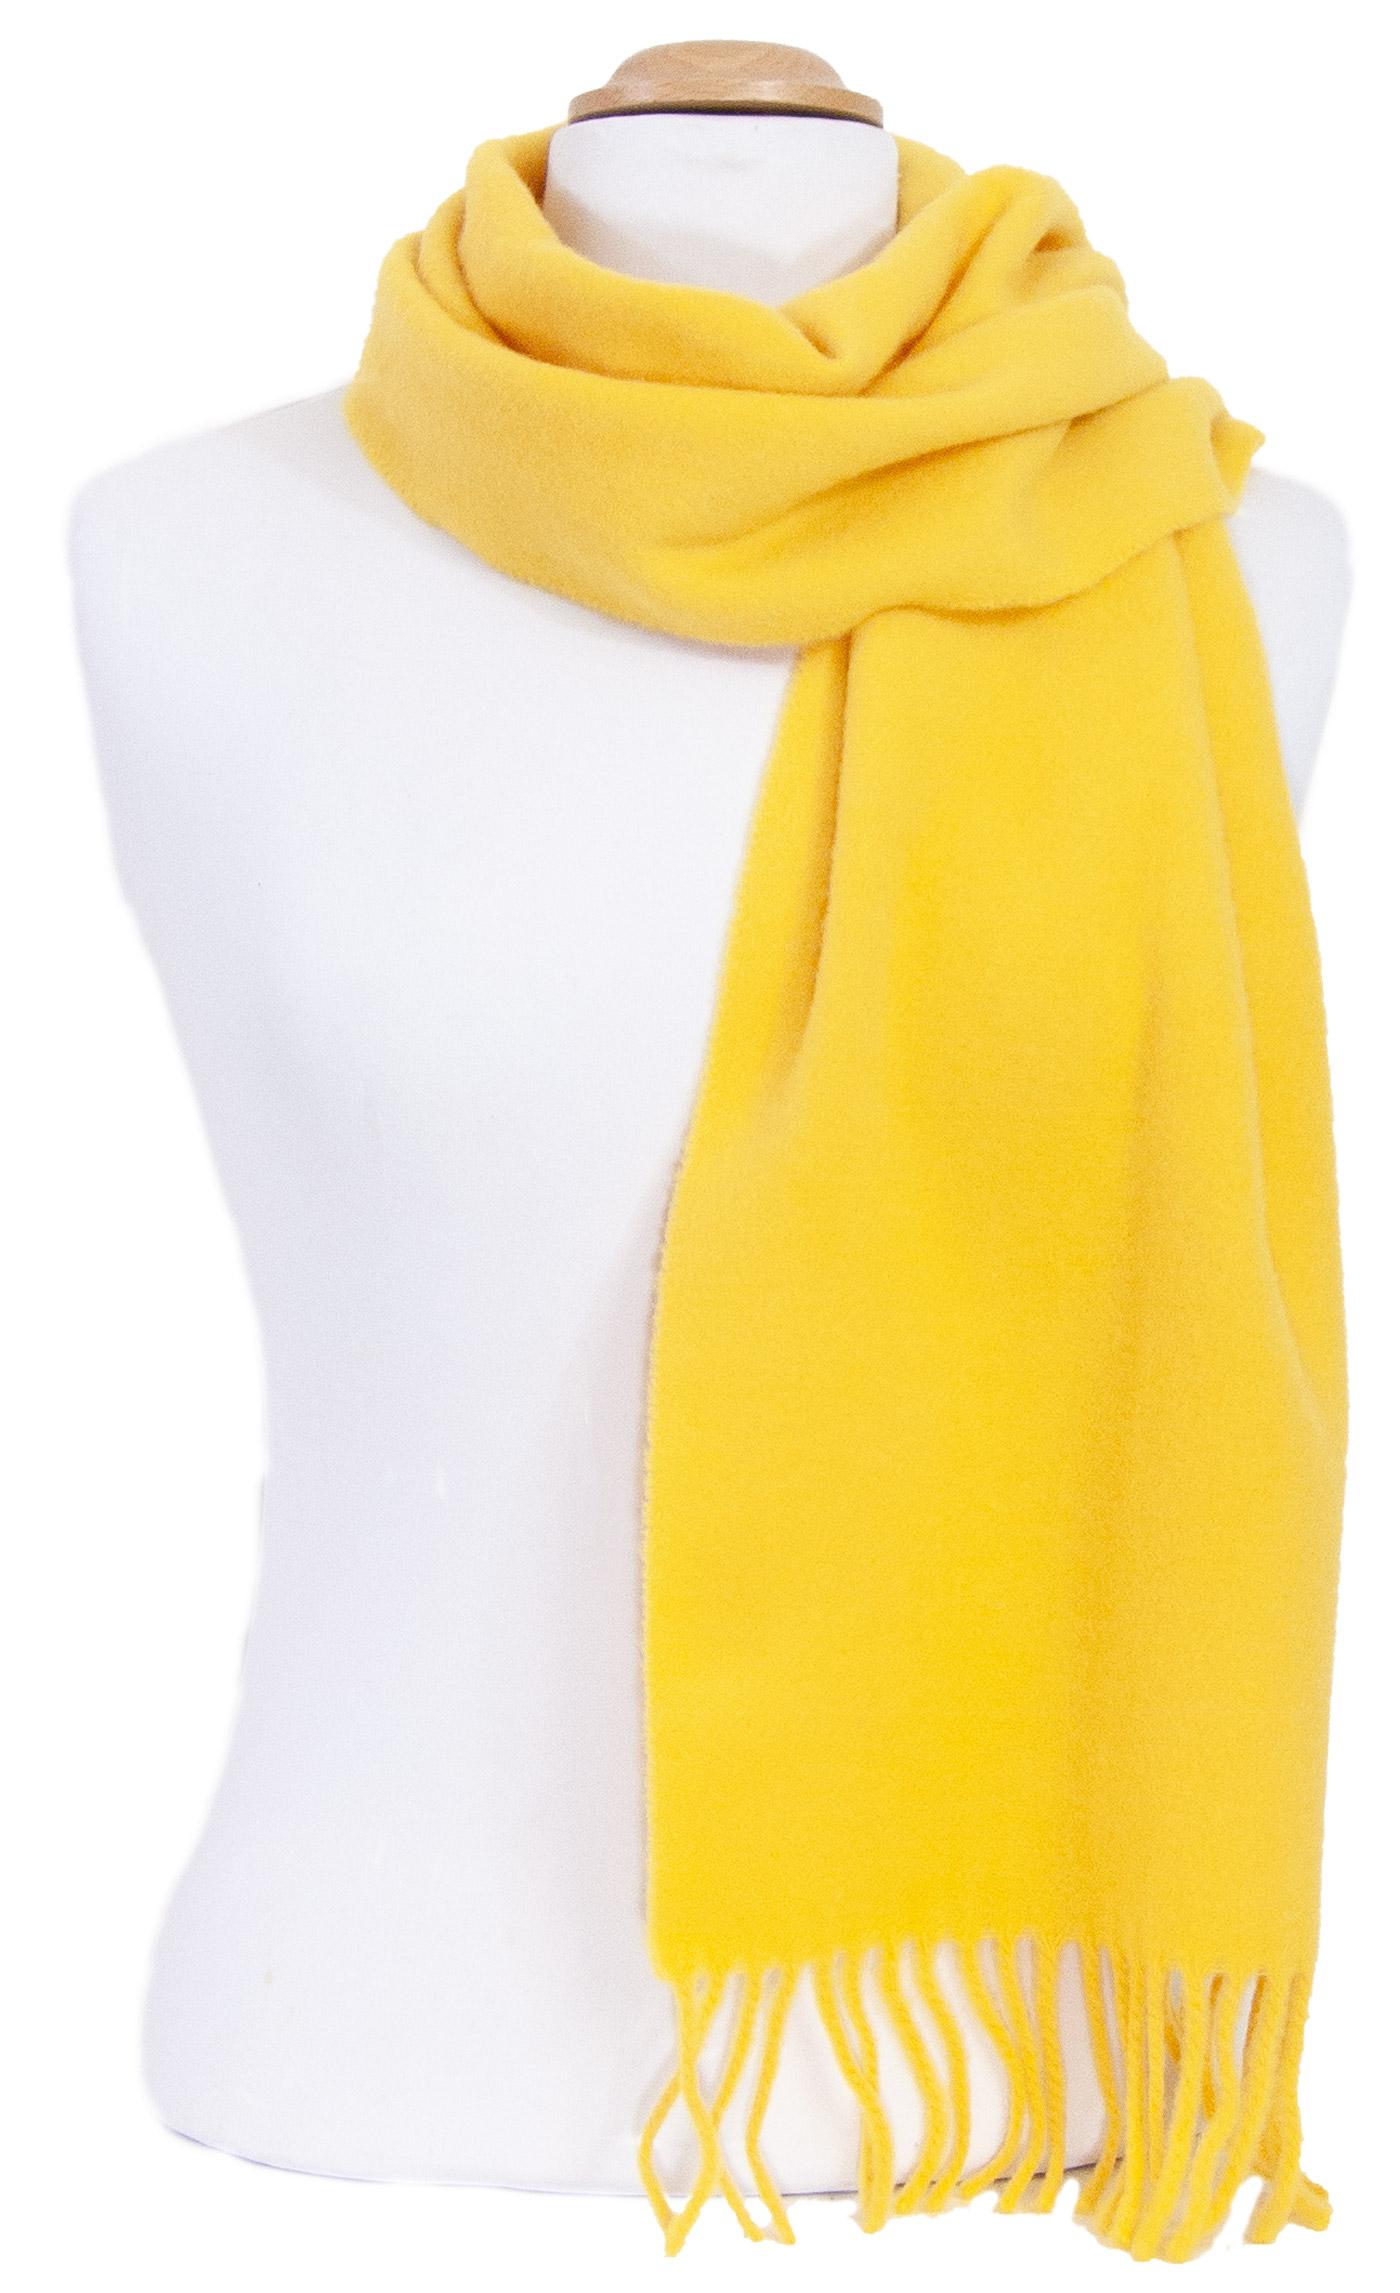 Echarpe jaune en laine lambswool